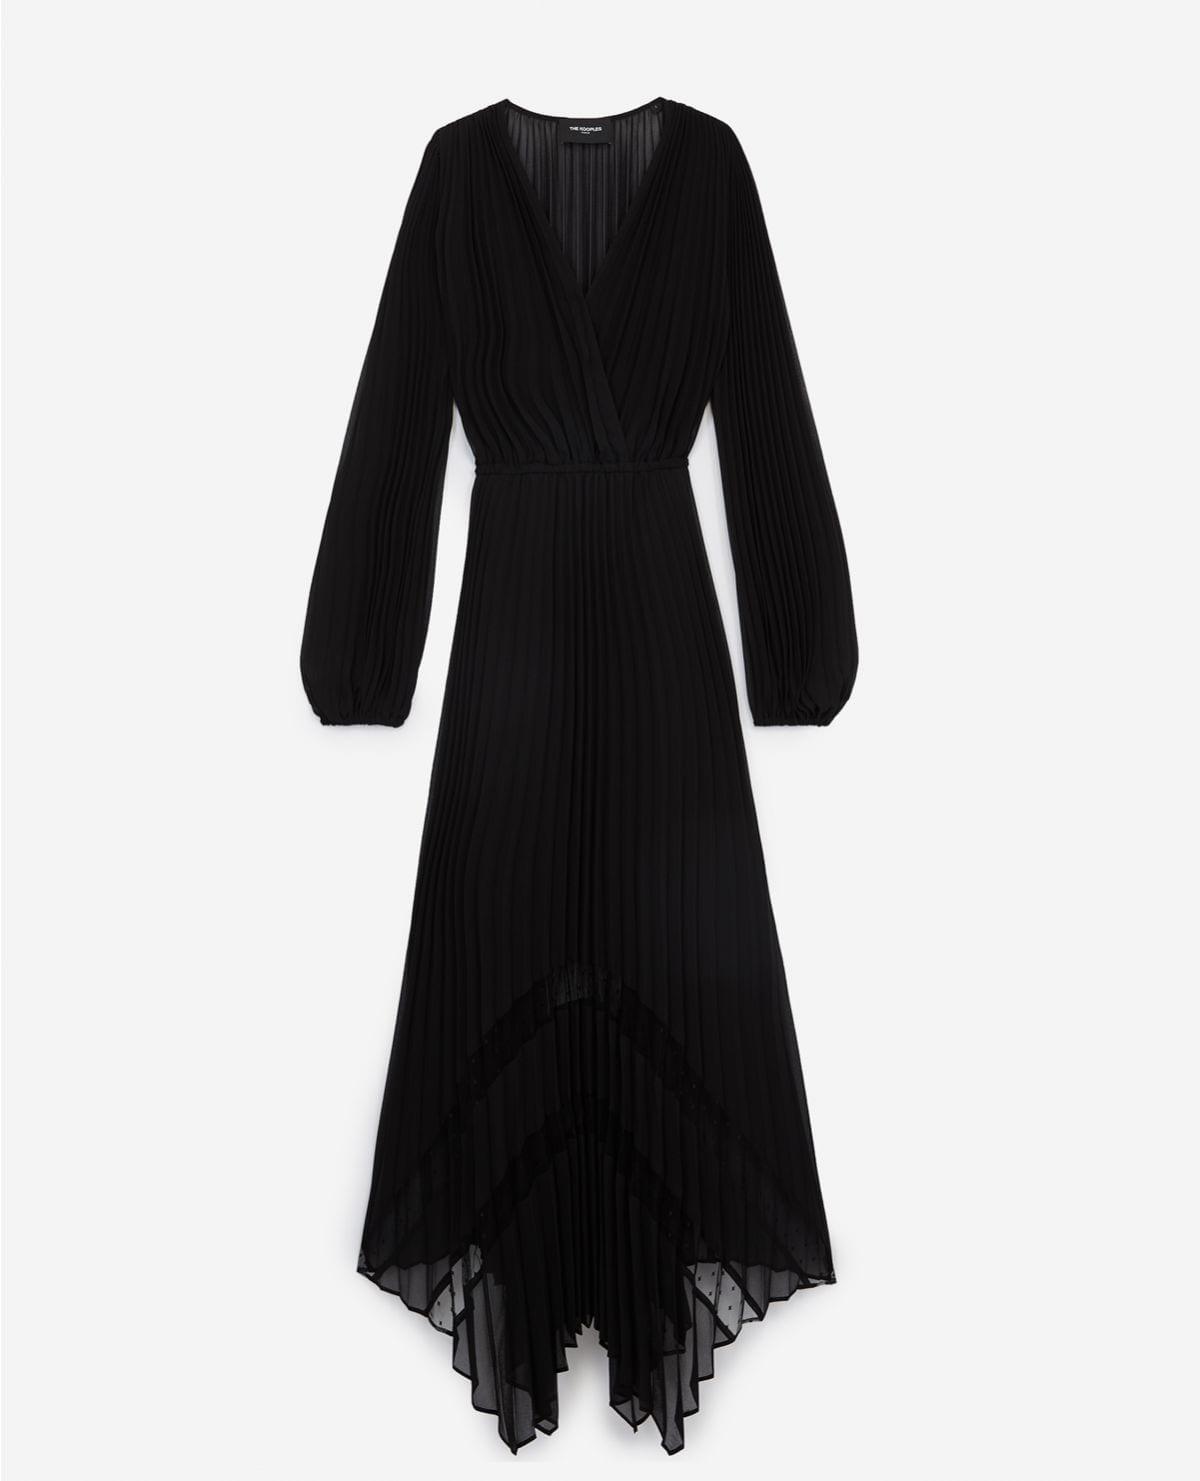 THE KOOPLES Black Long Flowing Dress